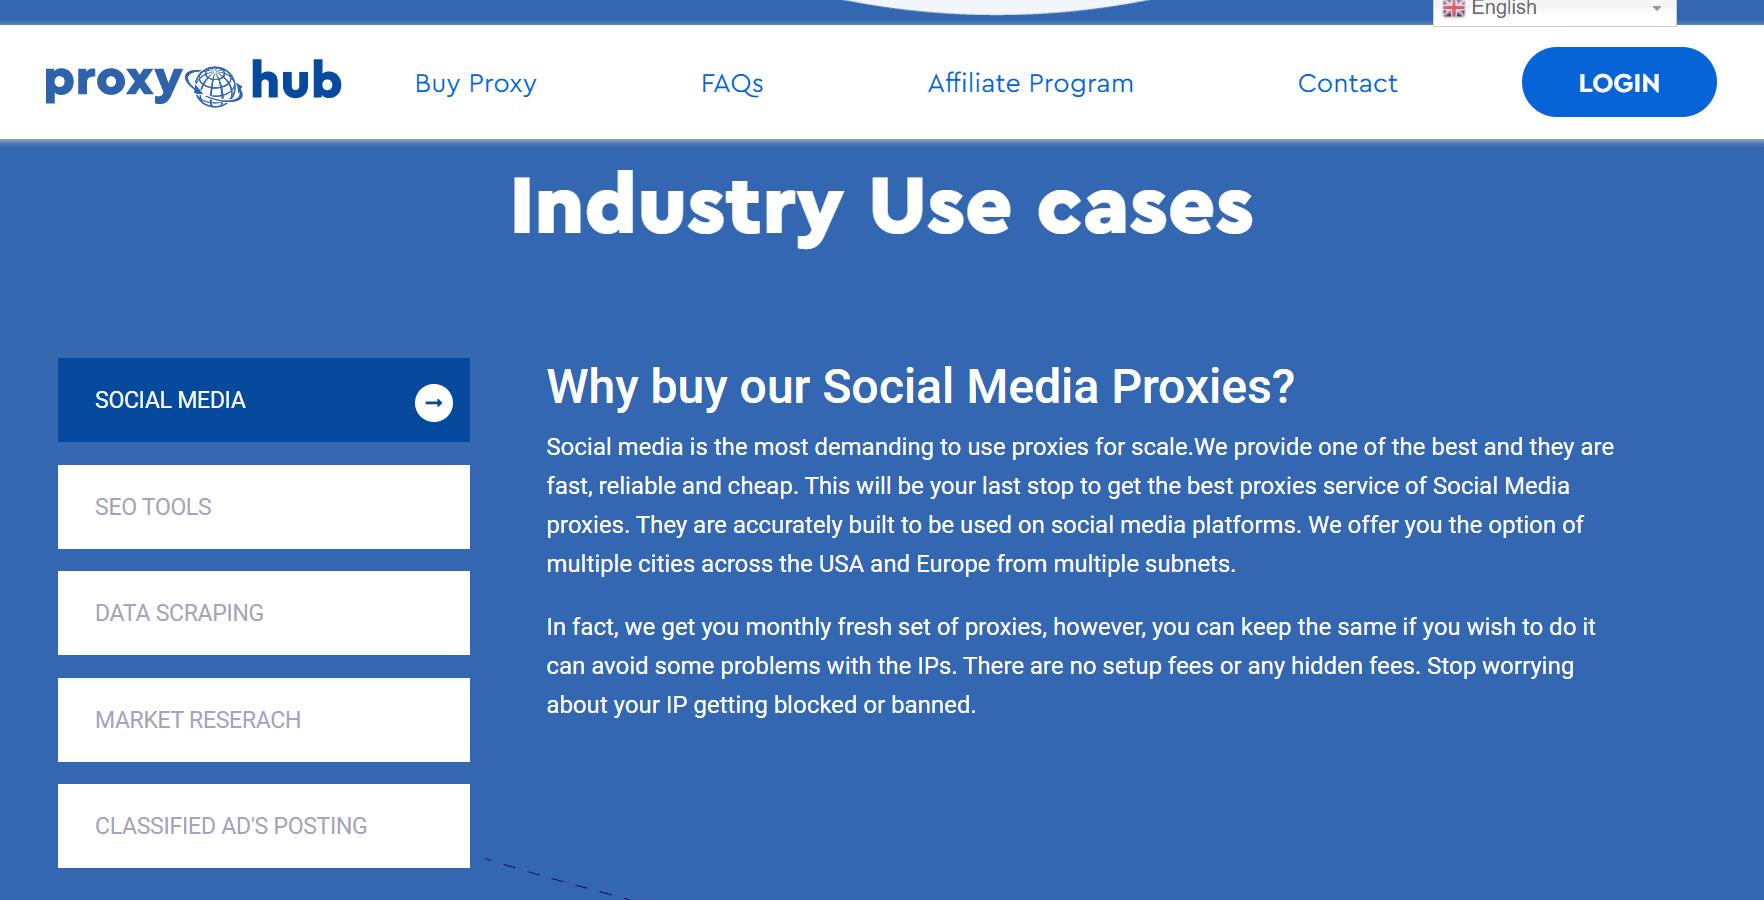 Proxy Hub Coupons proxyhubb